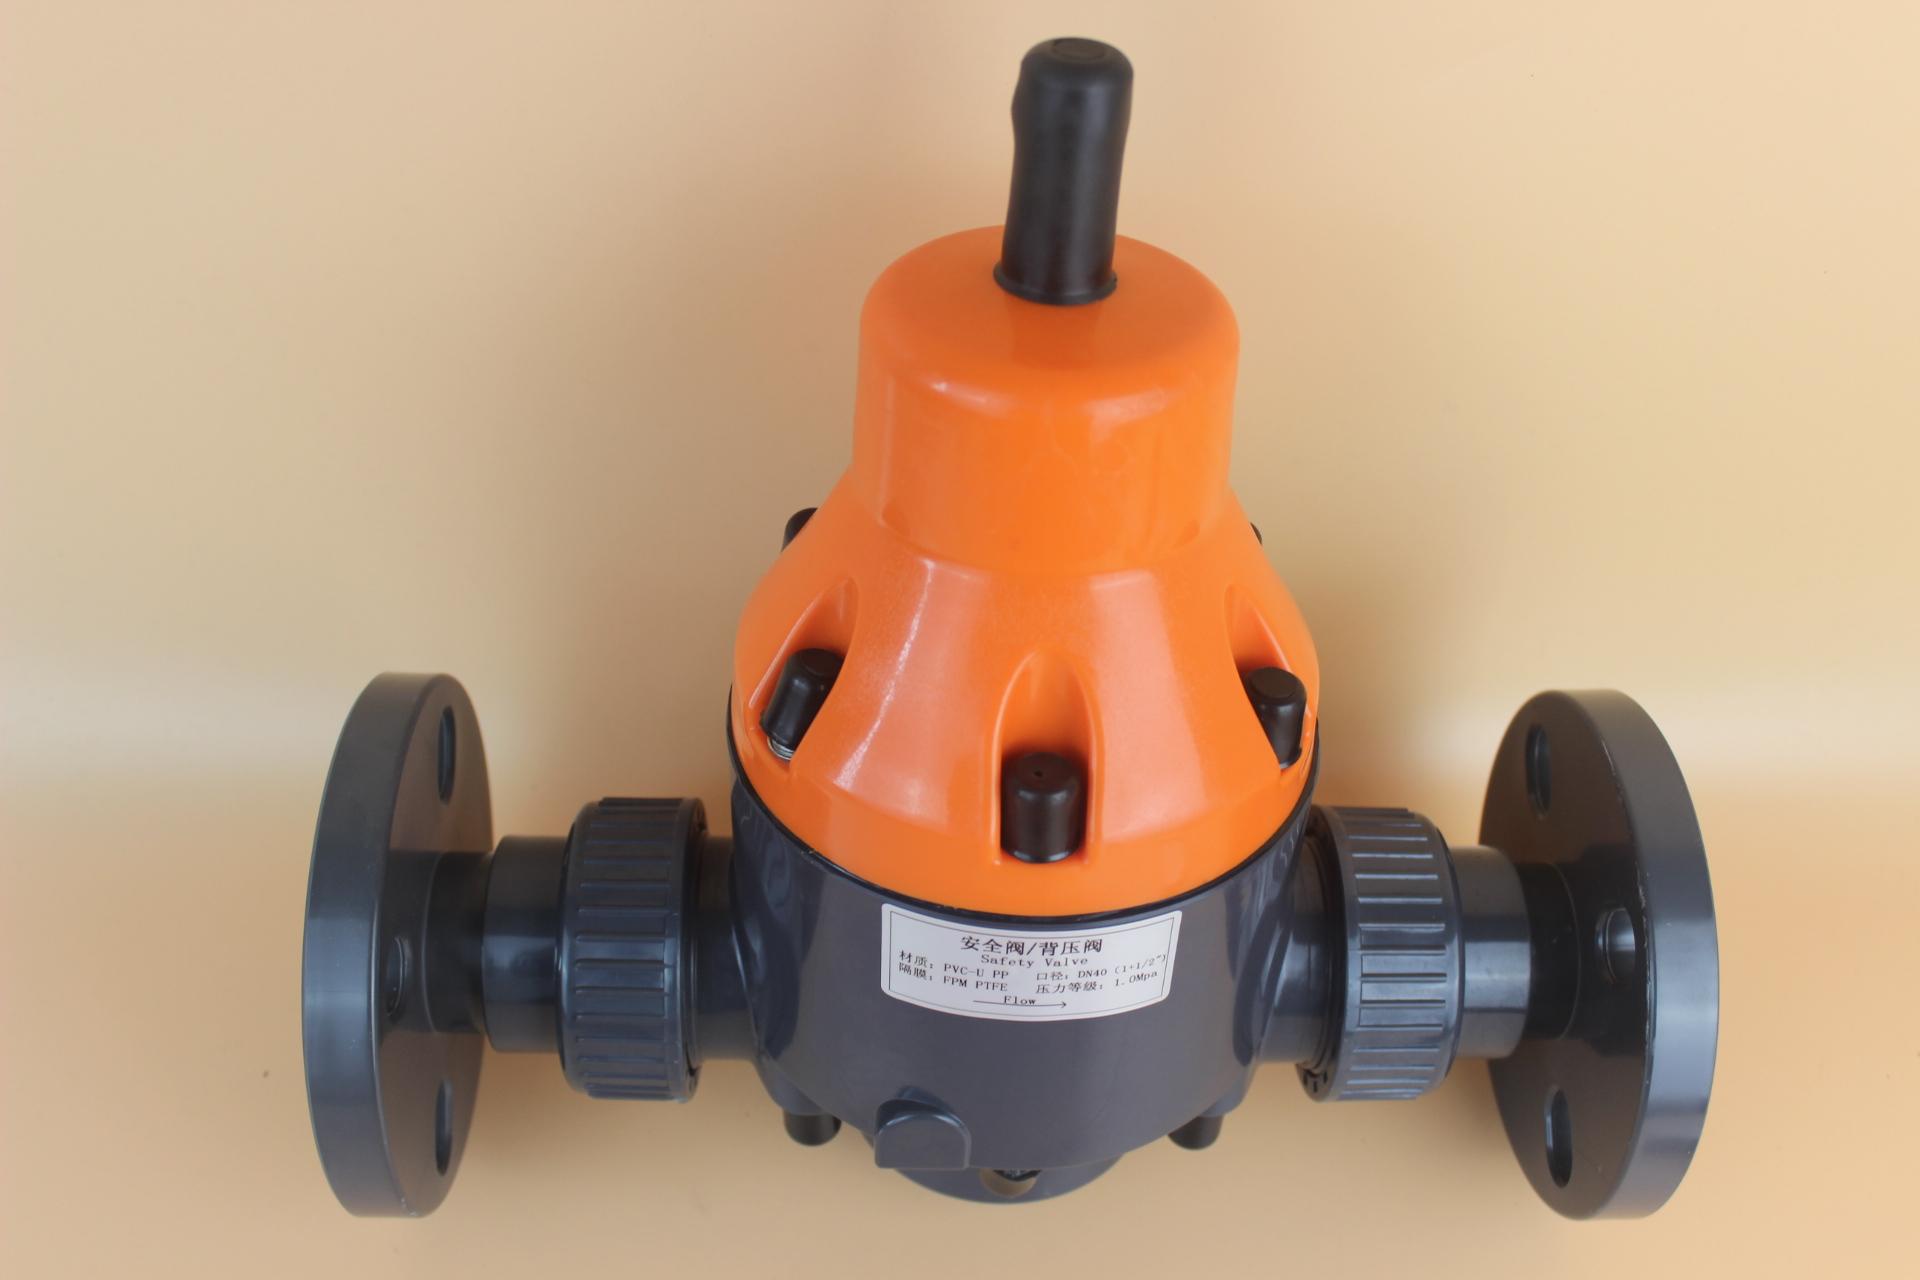 不锈钢安全阀 背压阀 螺纹UPVC安全阀背压阀